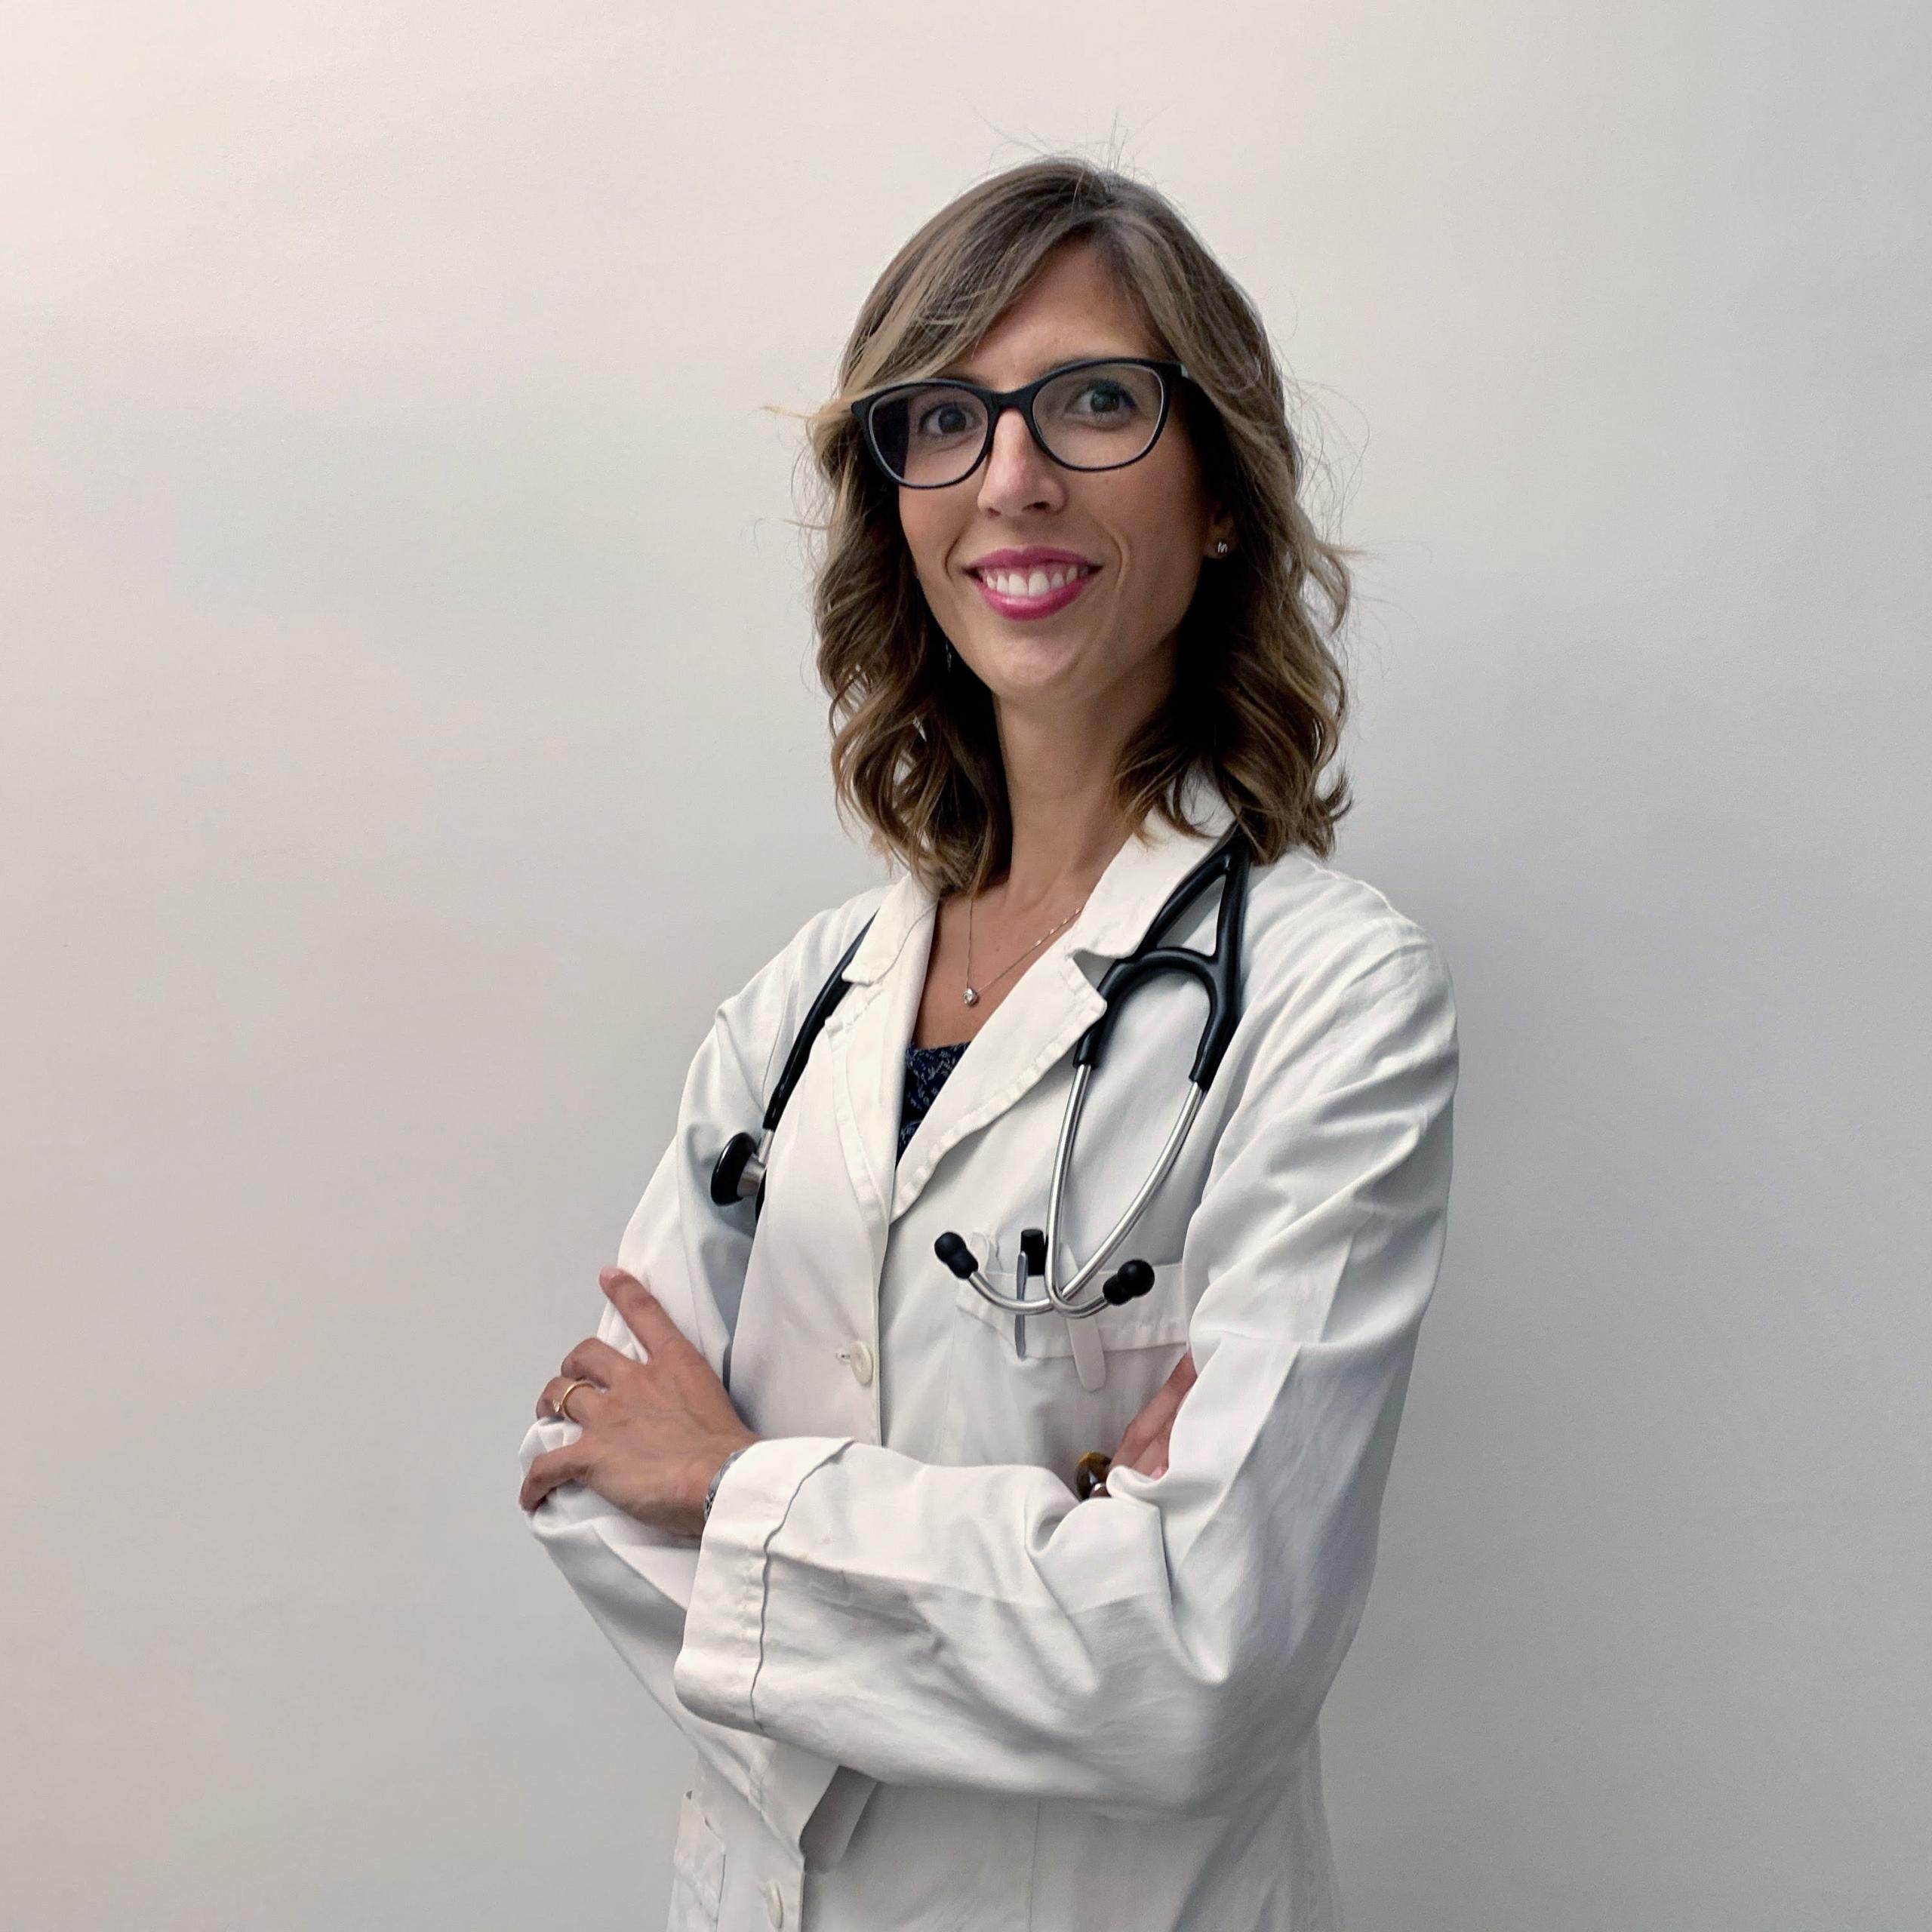 Dott.ssa Laura DALLA VECCHIA